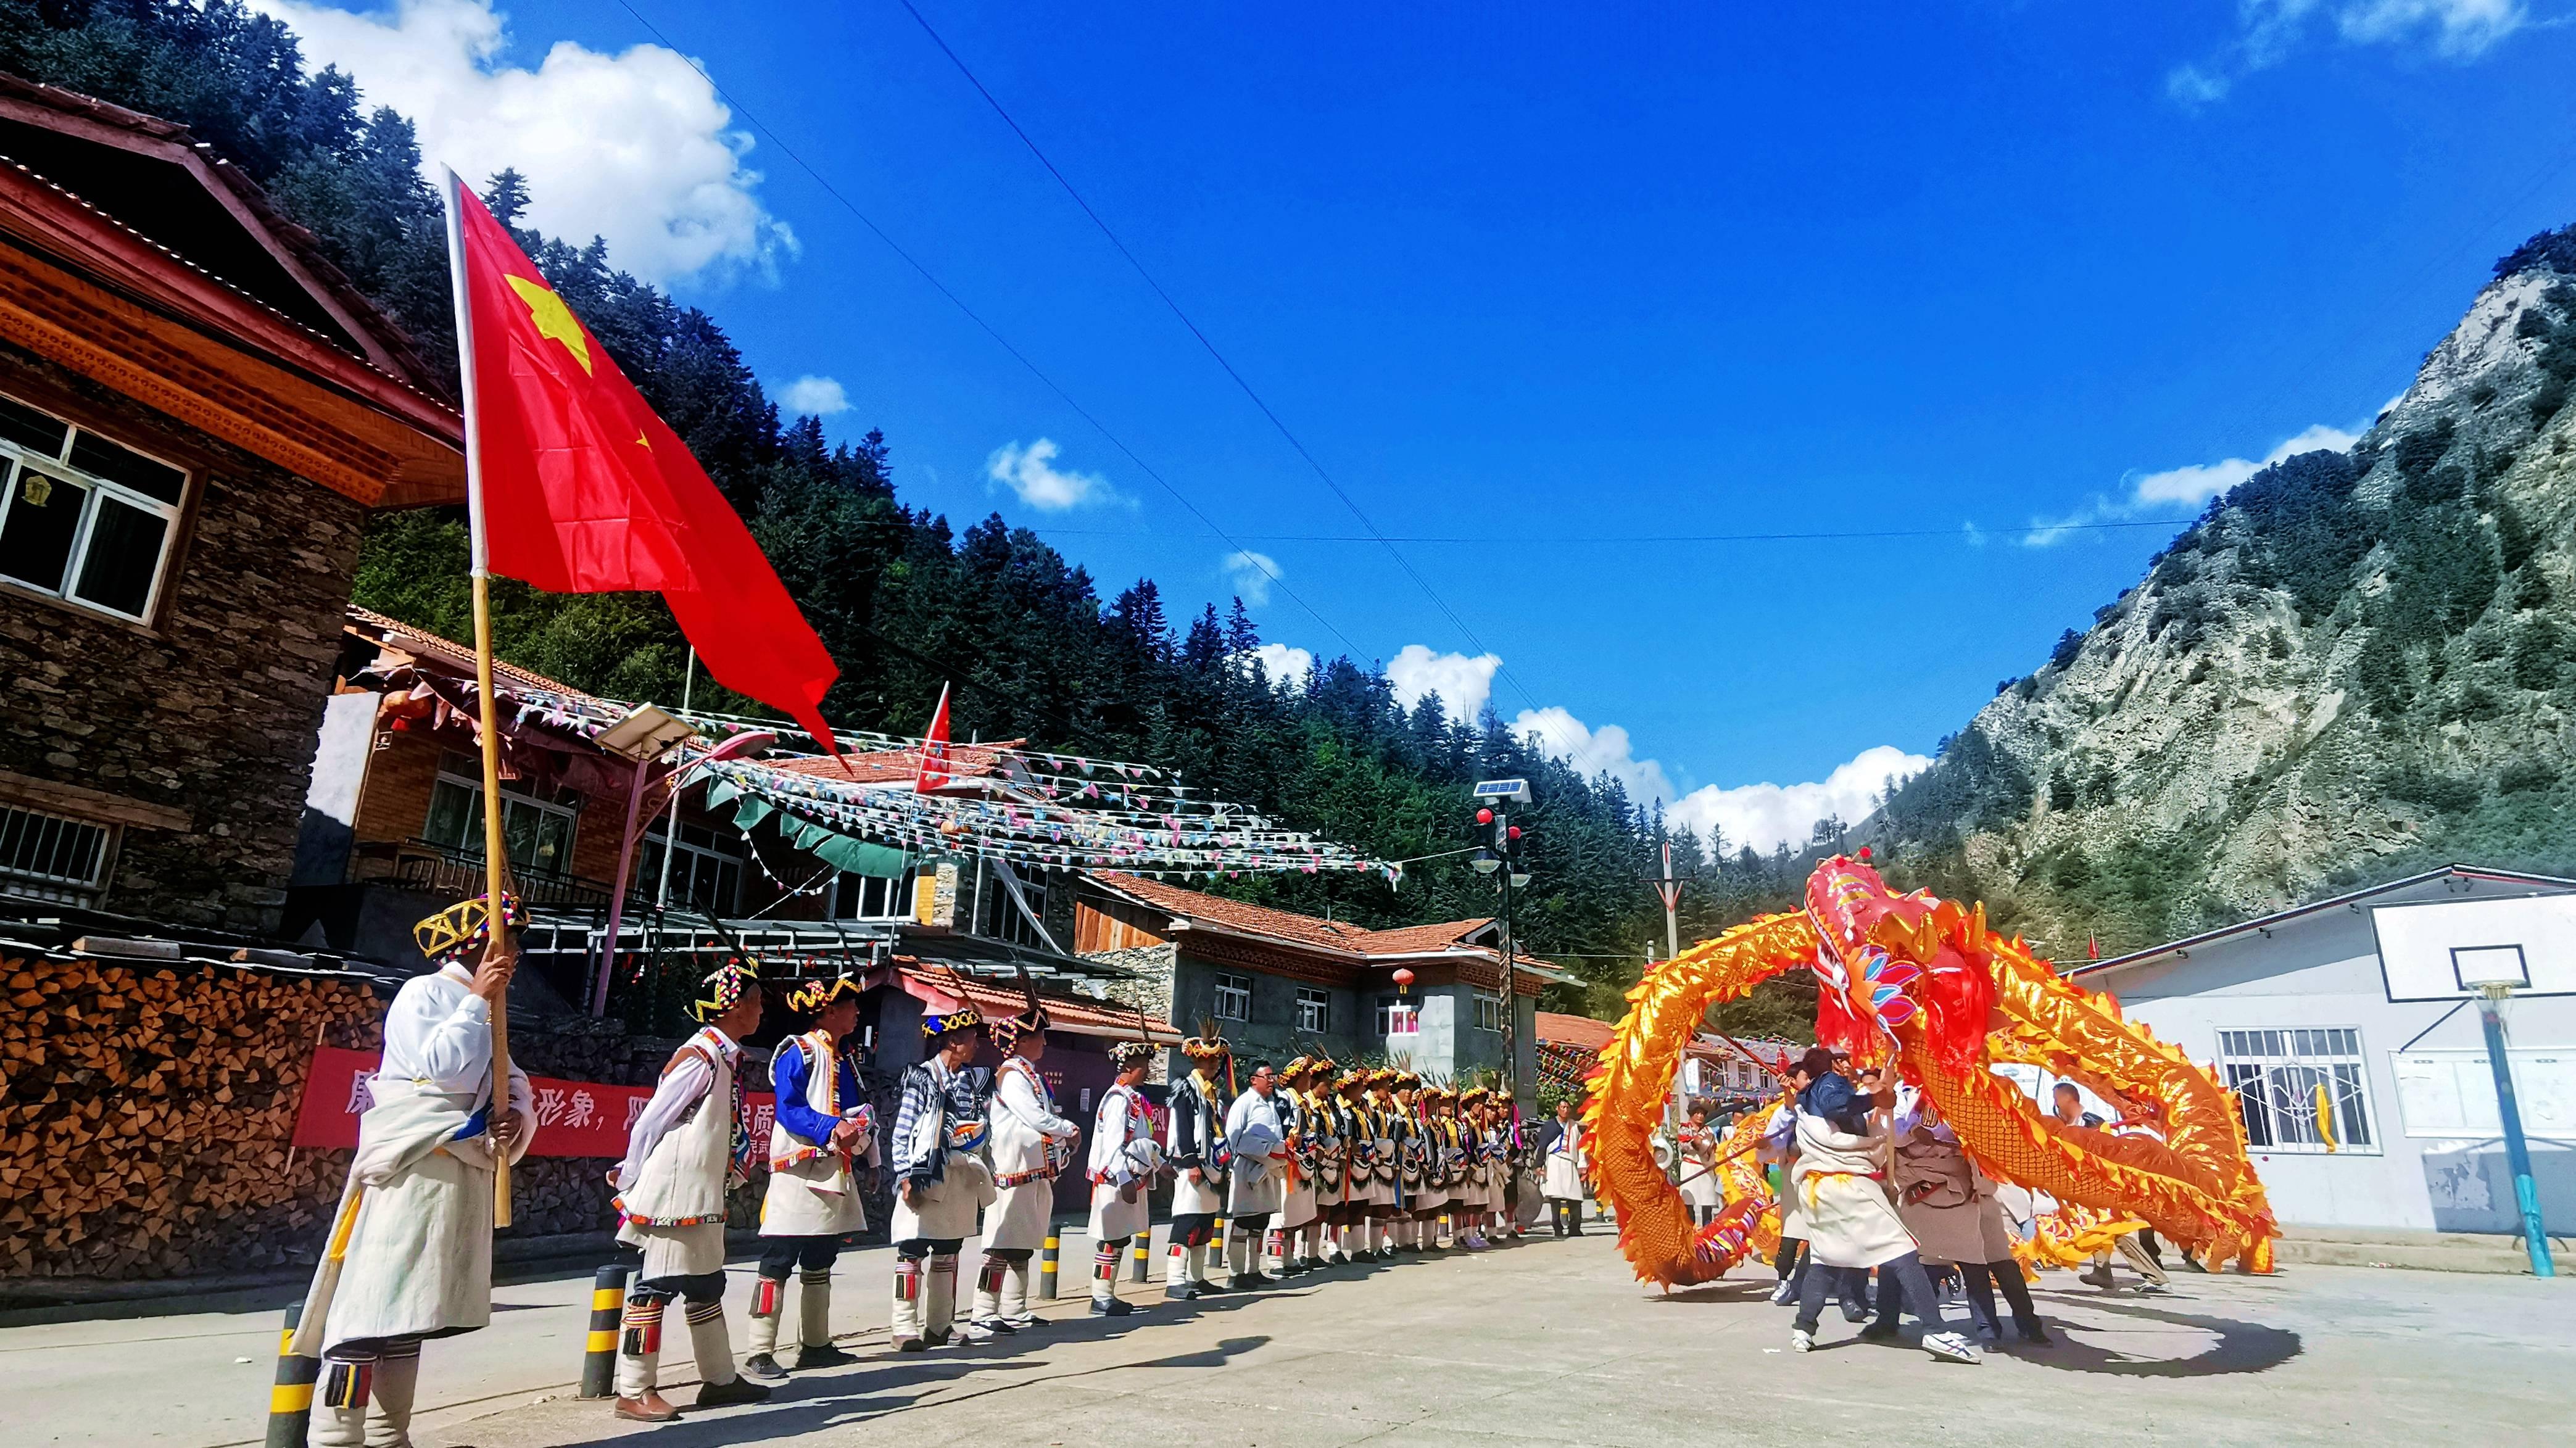 松潘县举行第三届松潘多声部毕曼歌节